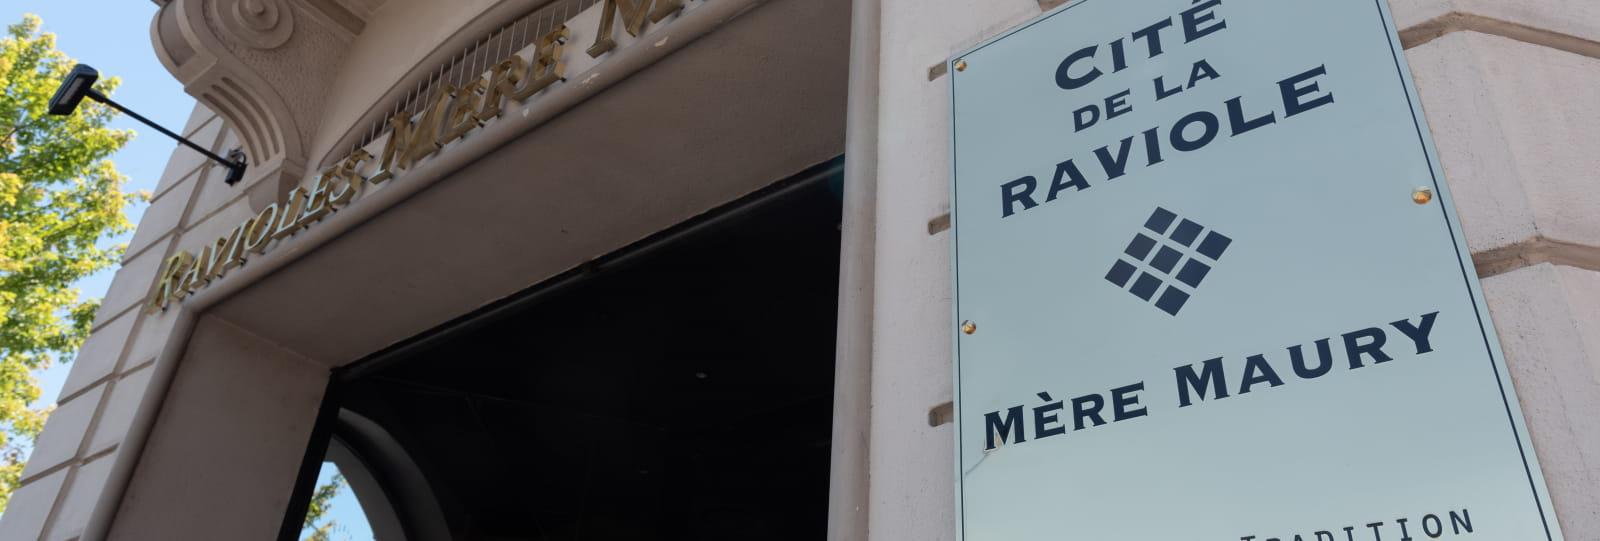 Cité de la Raviole - Mère Maury